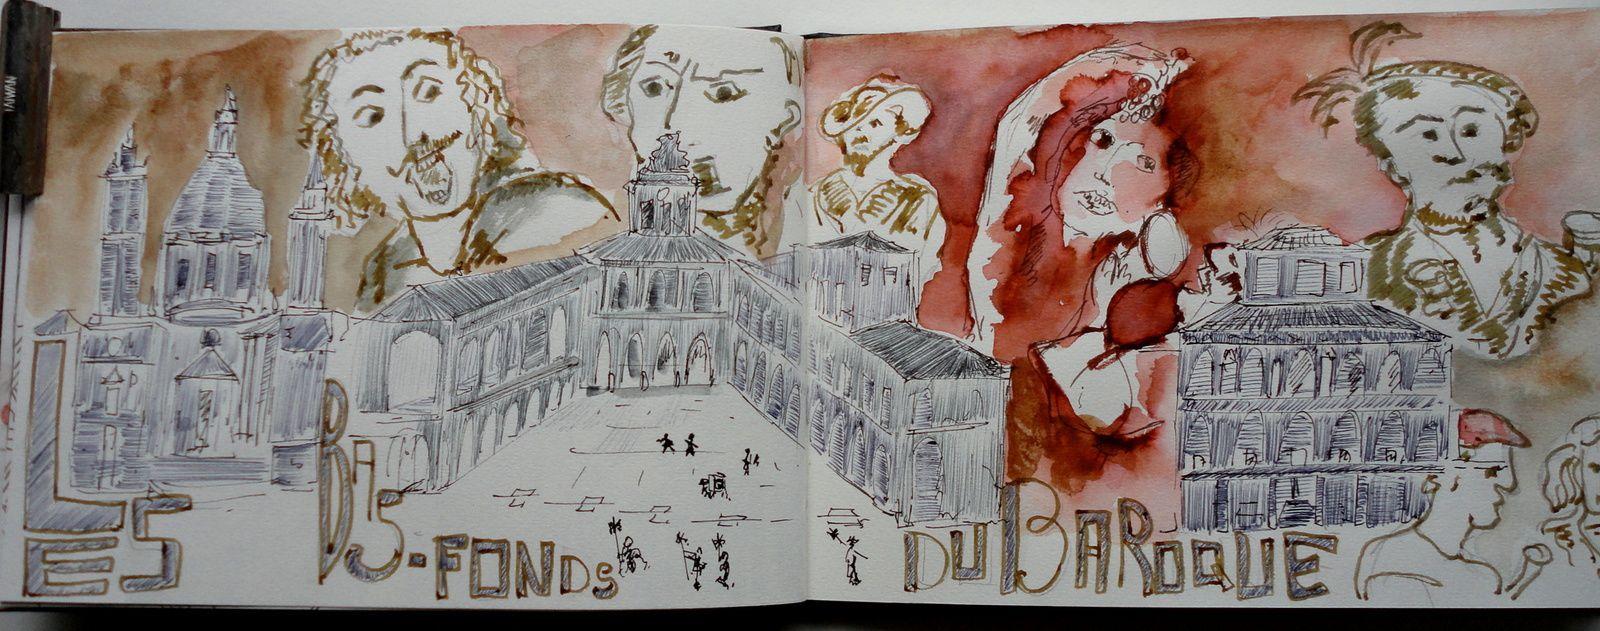 Les bas-fonds du baroque